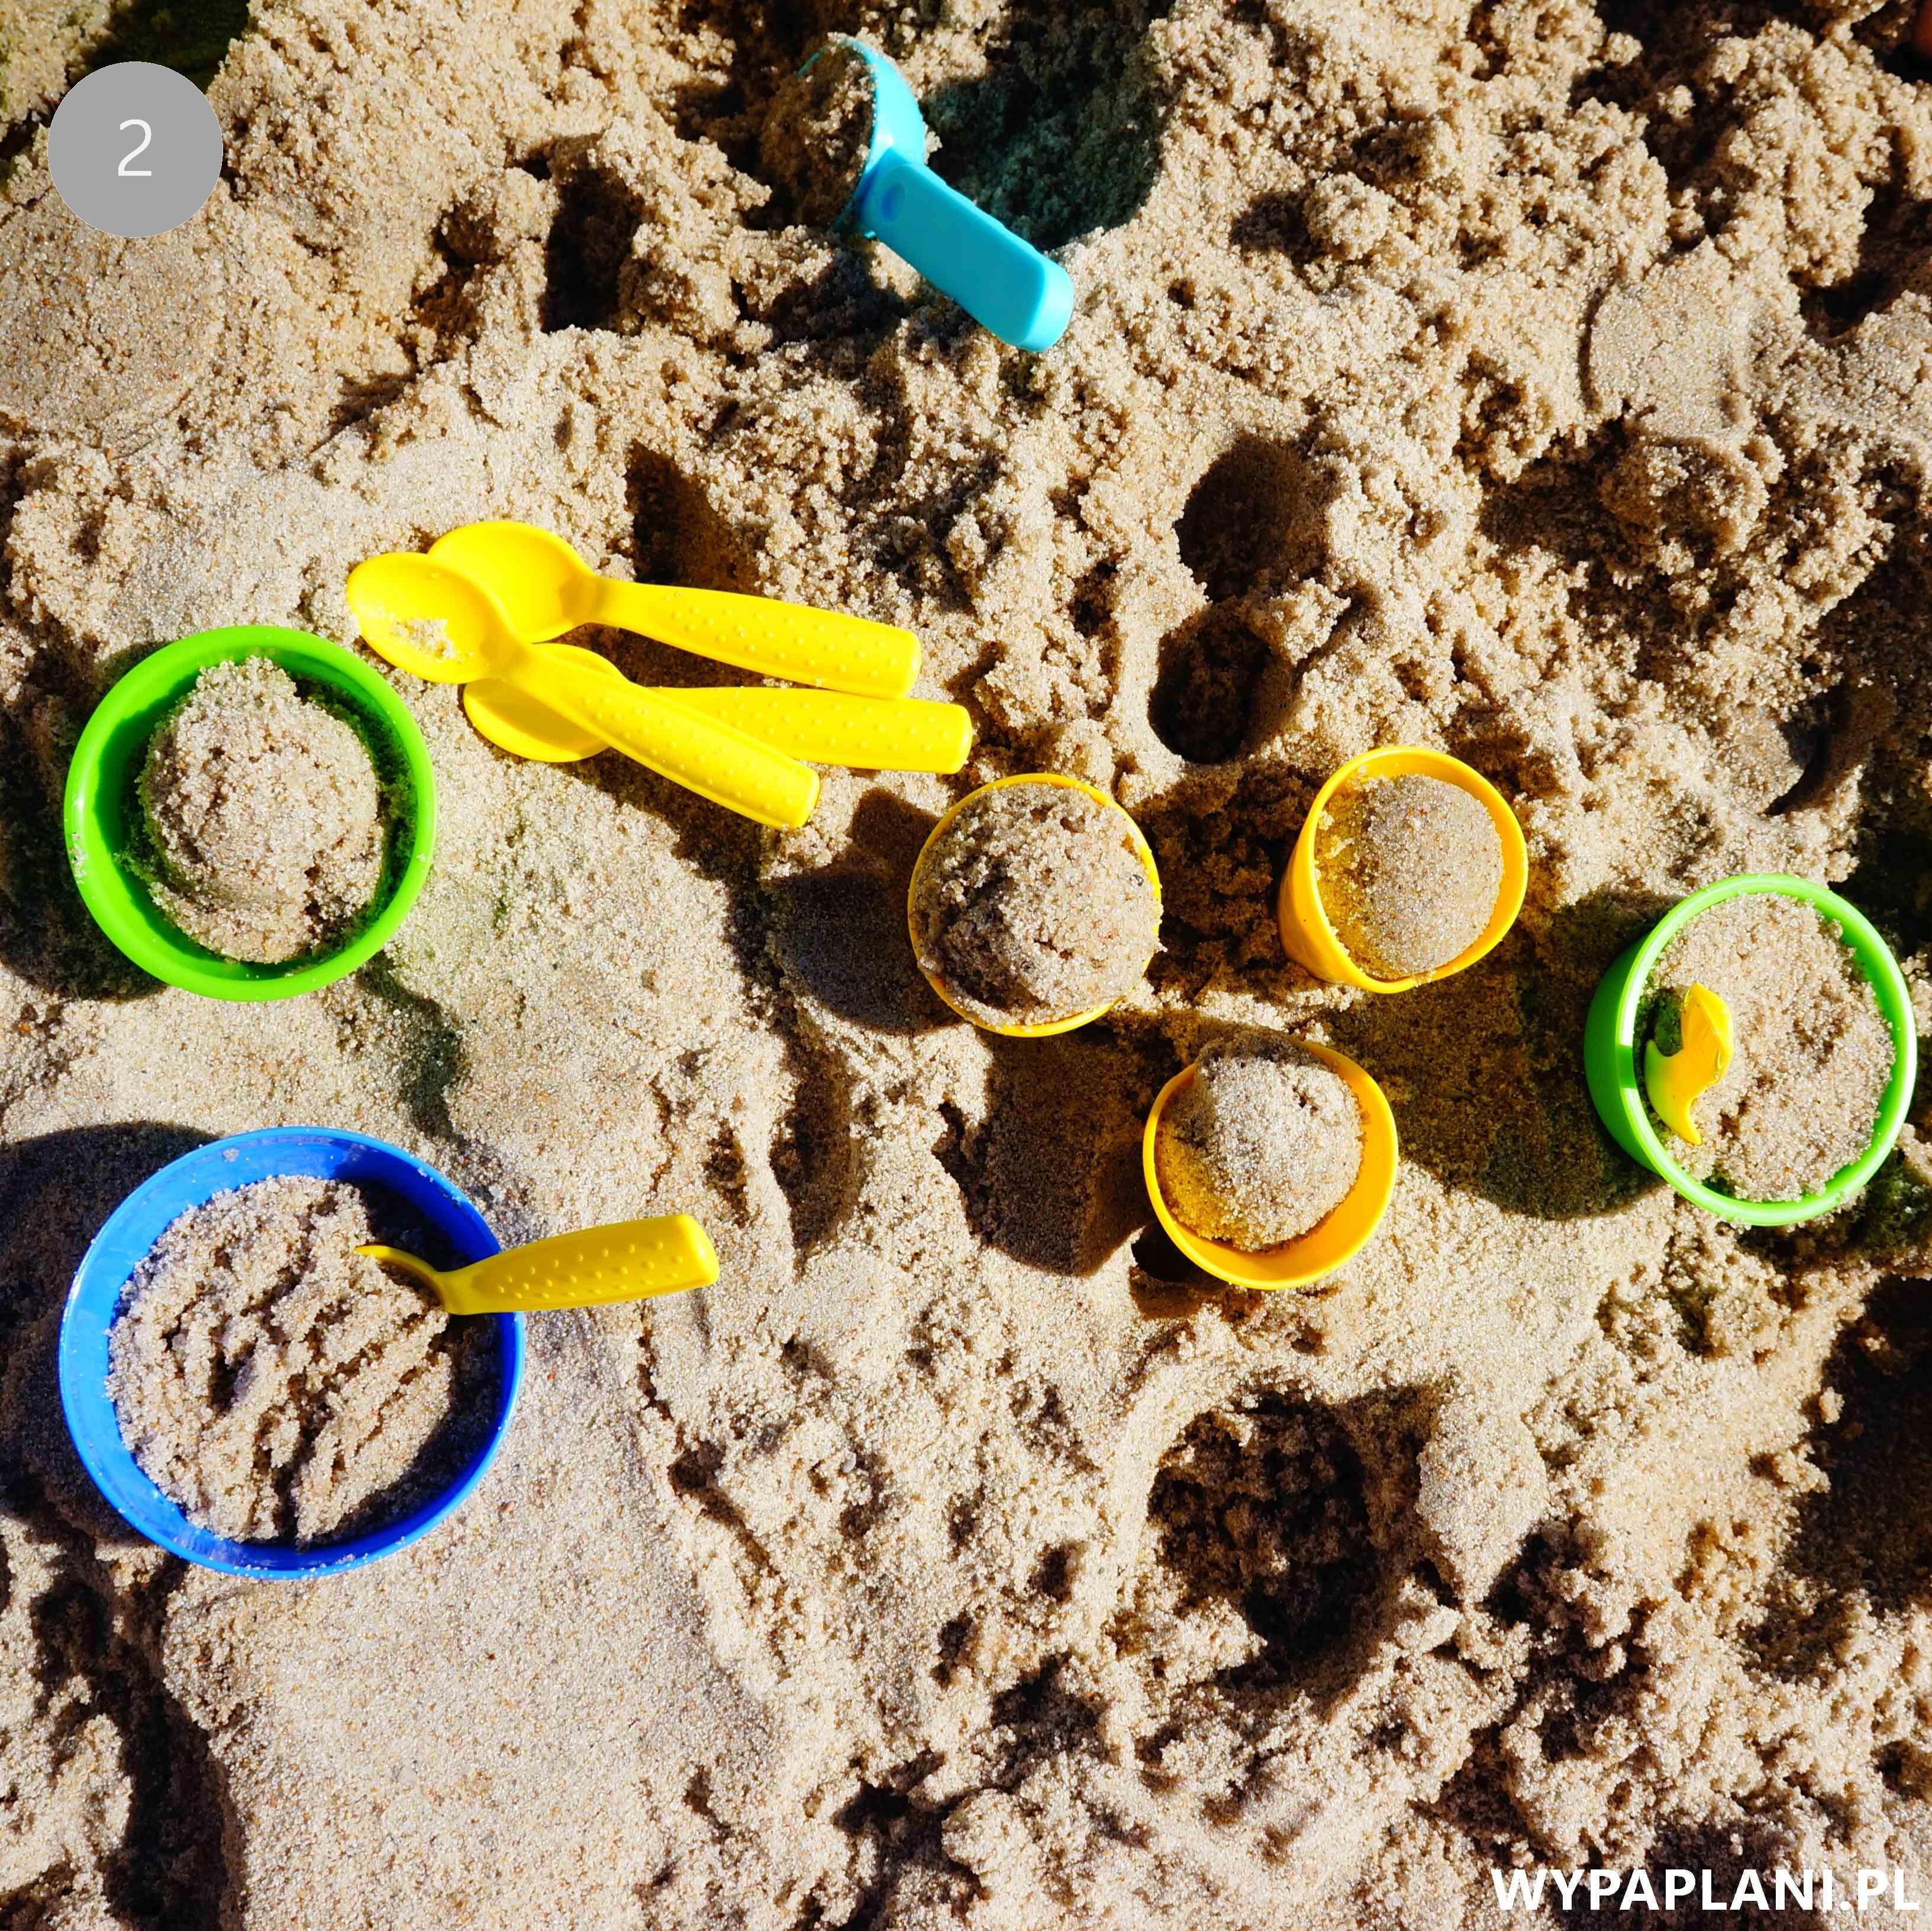 002_top zabawki do piasku piaskownicy na plażę